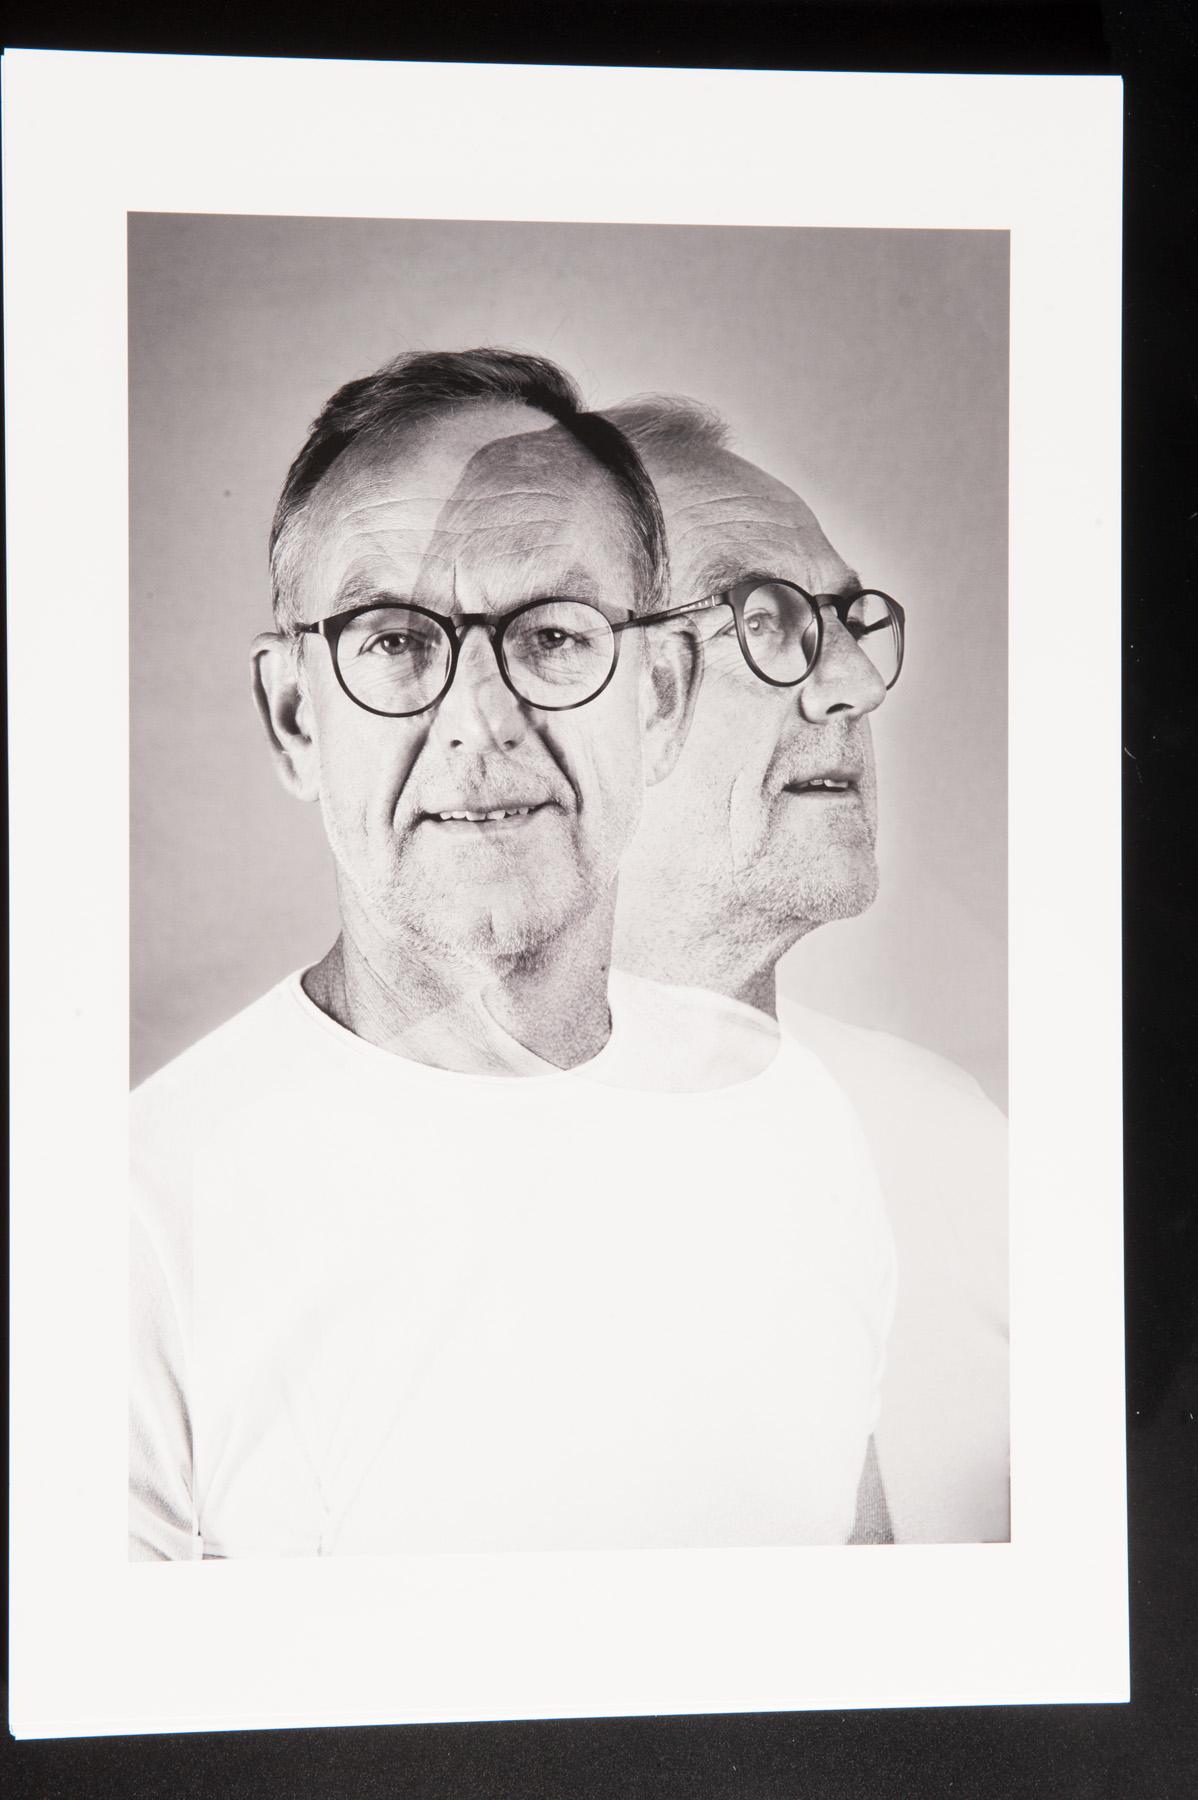 Rainer Lugmayr